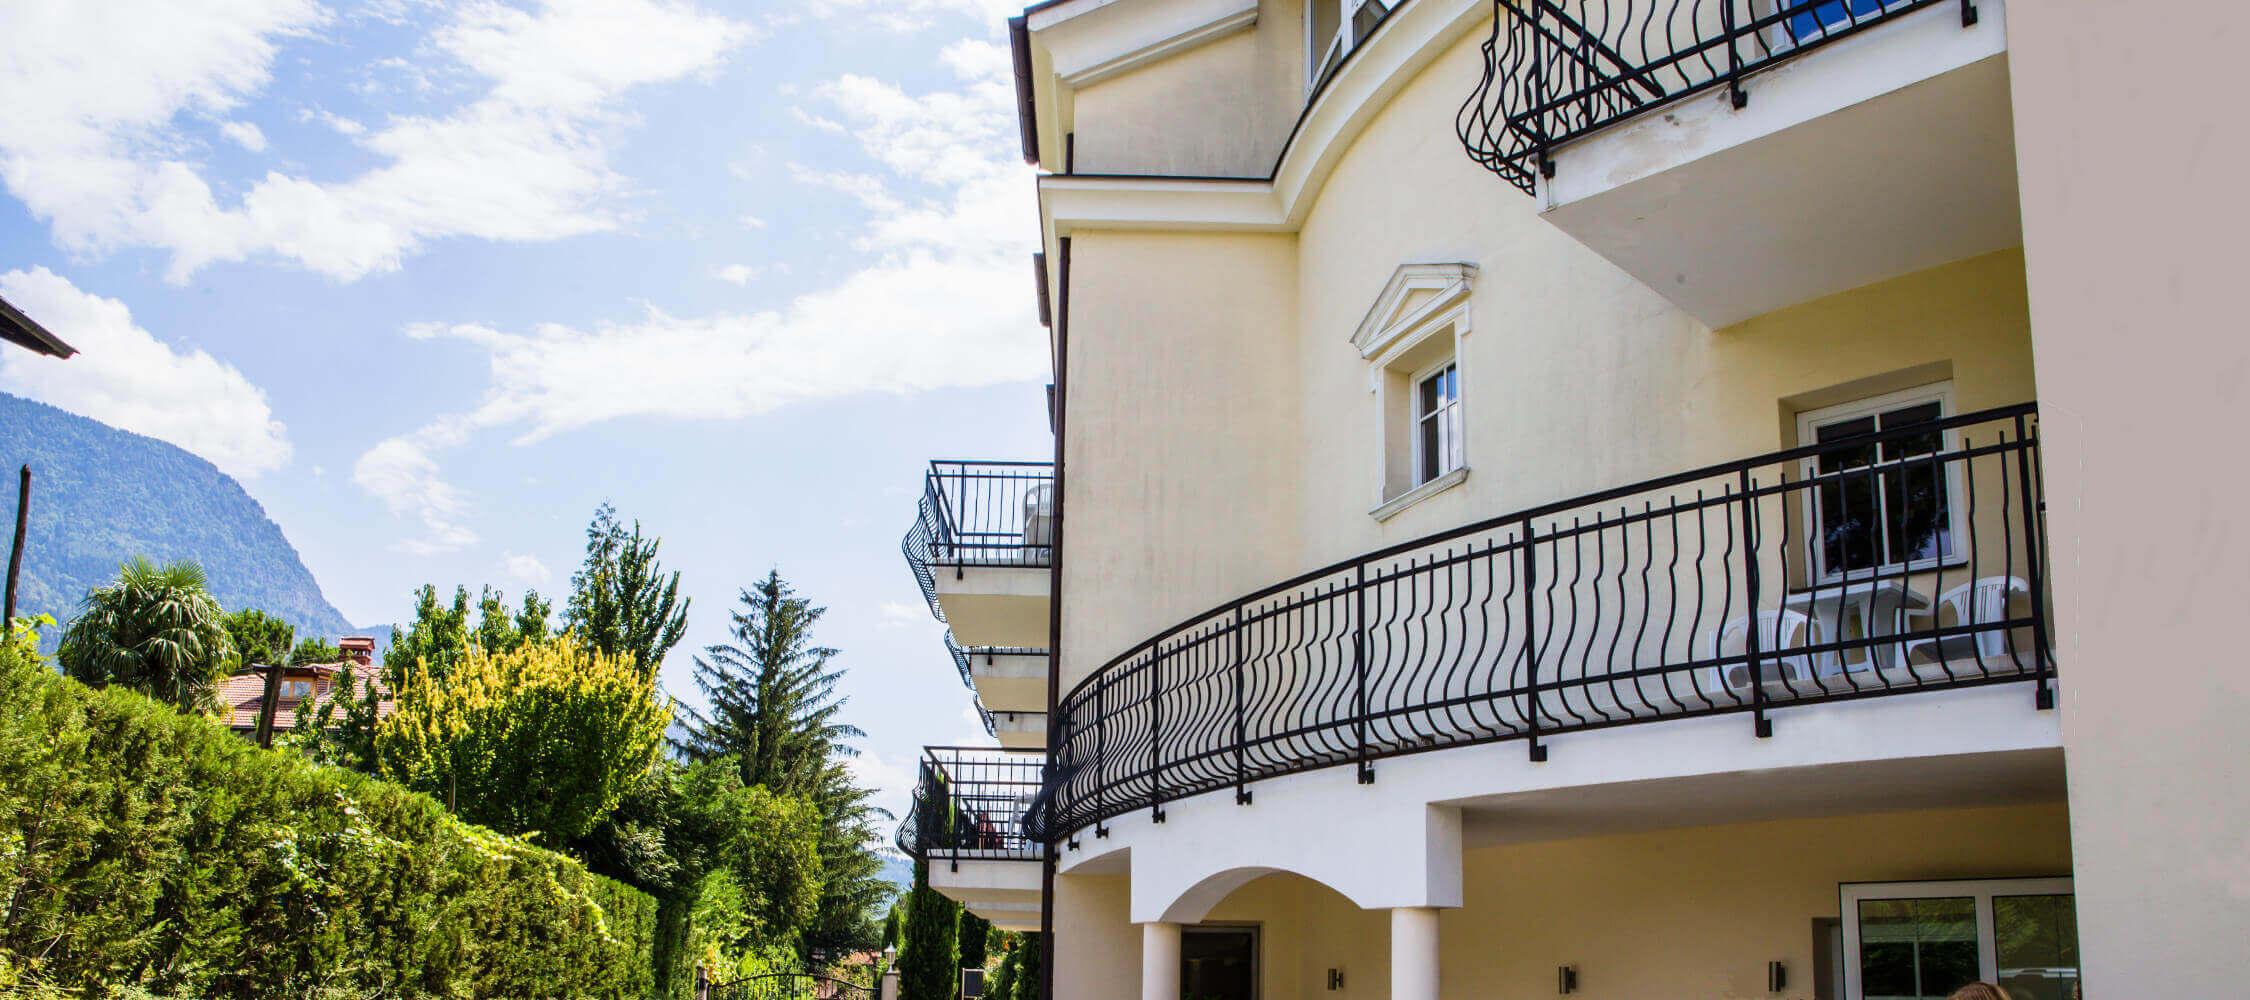 Hotel Villa Laurus Meran - 3 Sterne - die Fassade